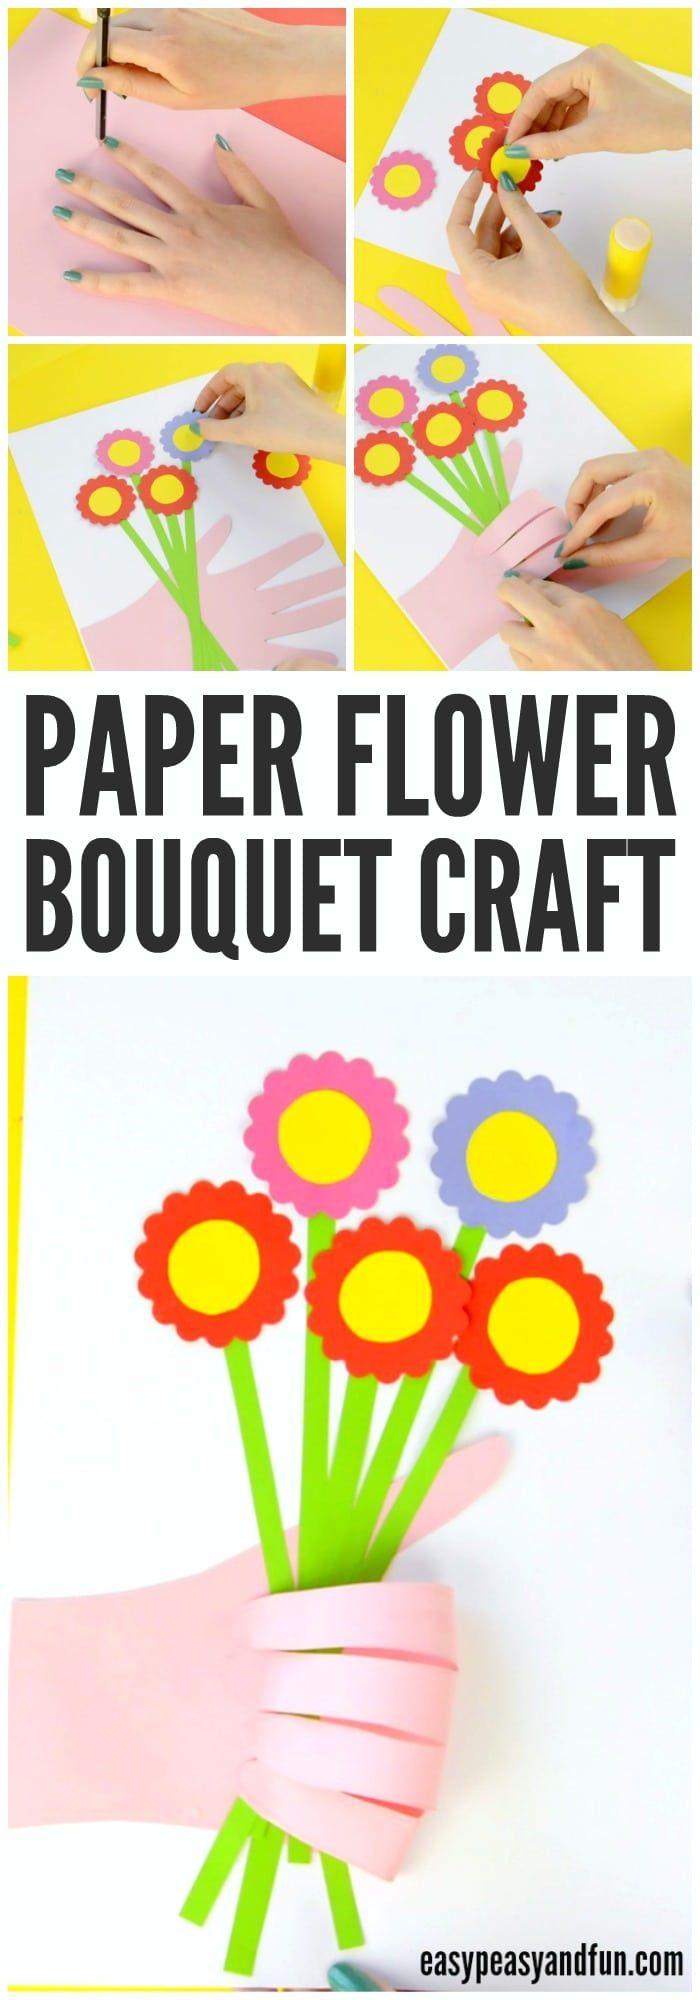 Handprint Flower Bouquet Craft - Mother\'s Day Idea | Pinterest ...